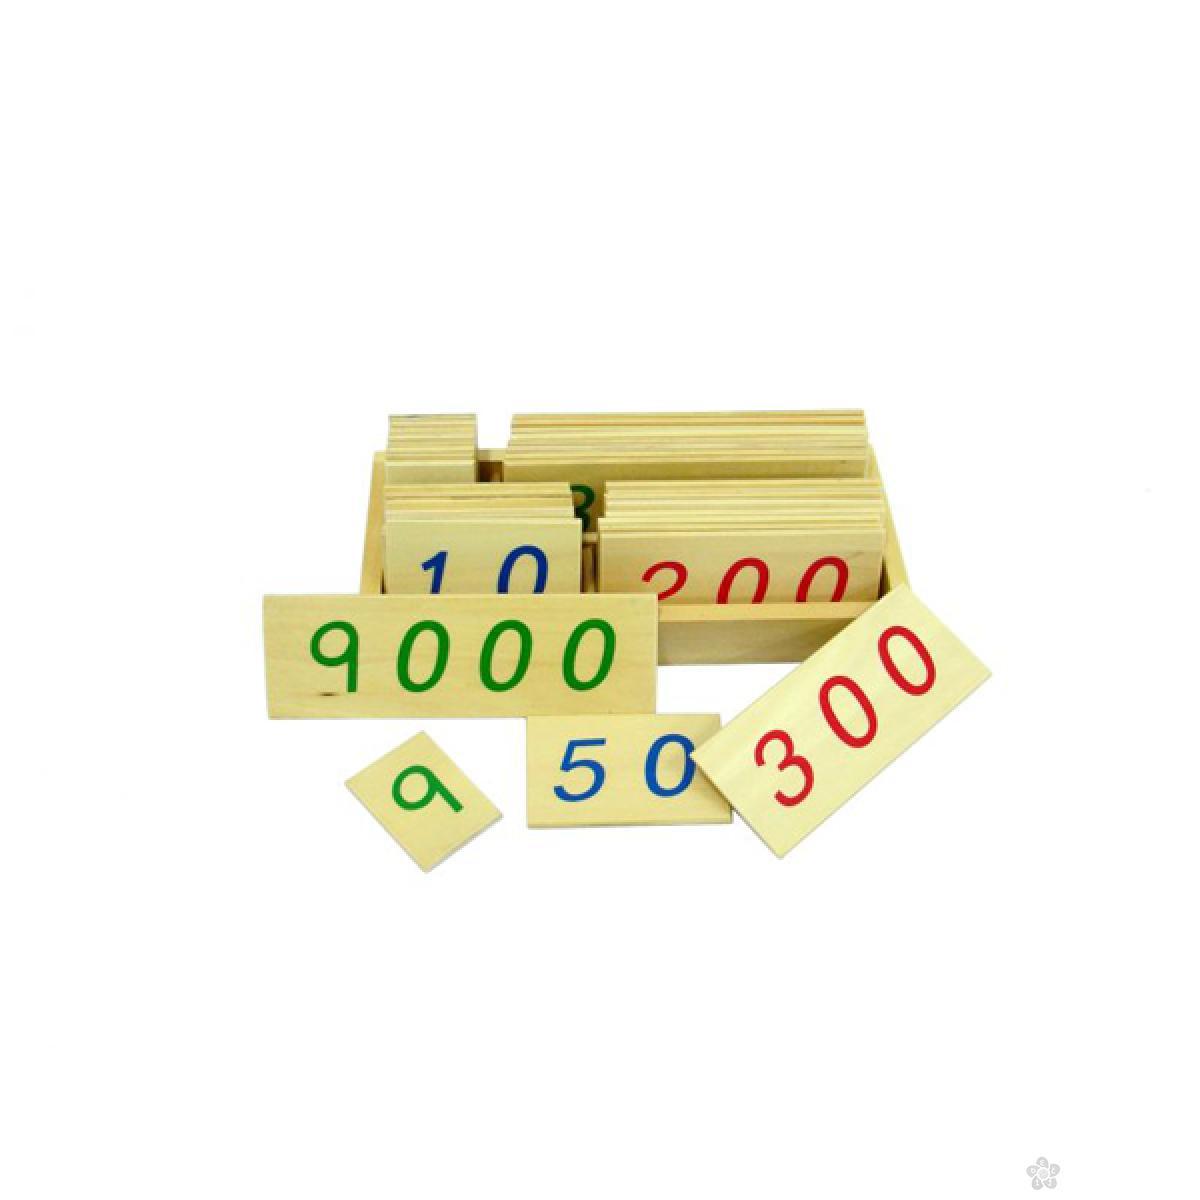 Montesori-drvene numeričke pločice 1-9000-manje, sa kutijom, HTM0130